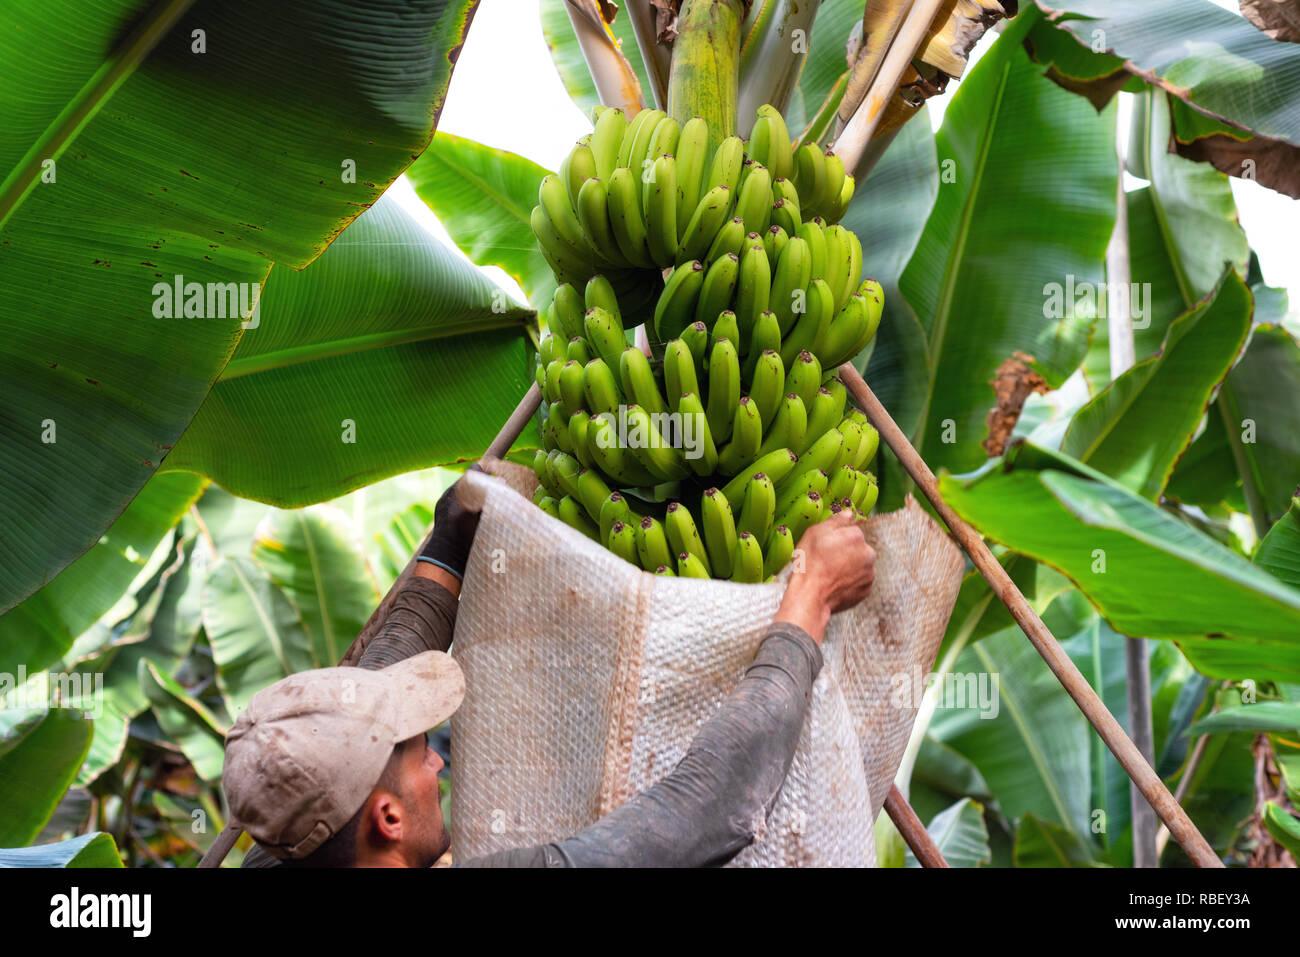 Teneriffa, Spanien - Januar 8, 2019: Arbeiter schneiden ein Bündel Bananen in einer Plantage in Teneriffa, Kanarische Inseln, Spanien. Stockbild